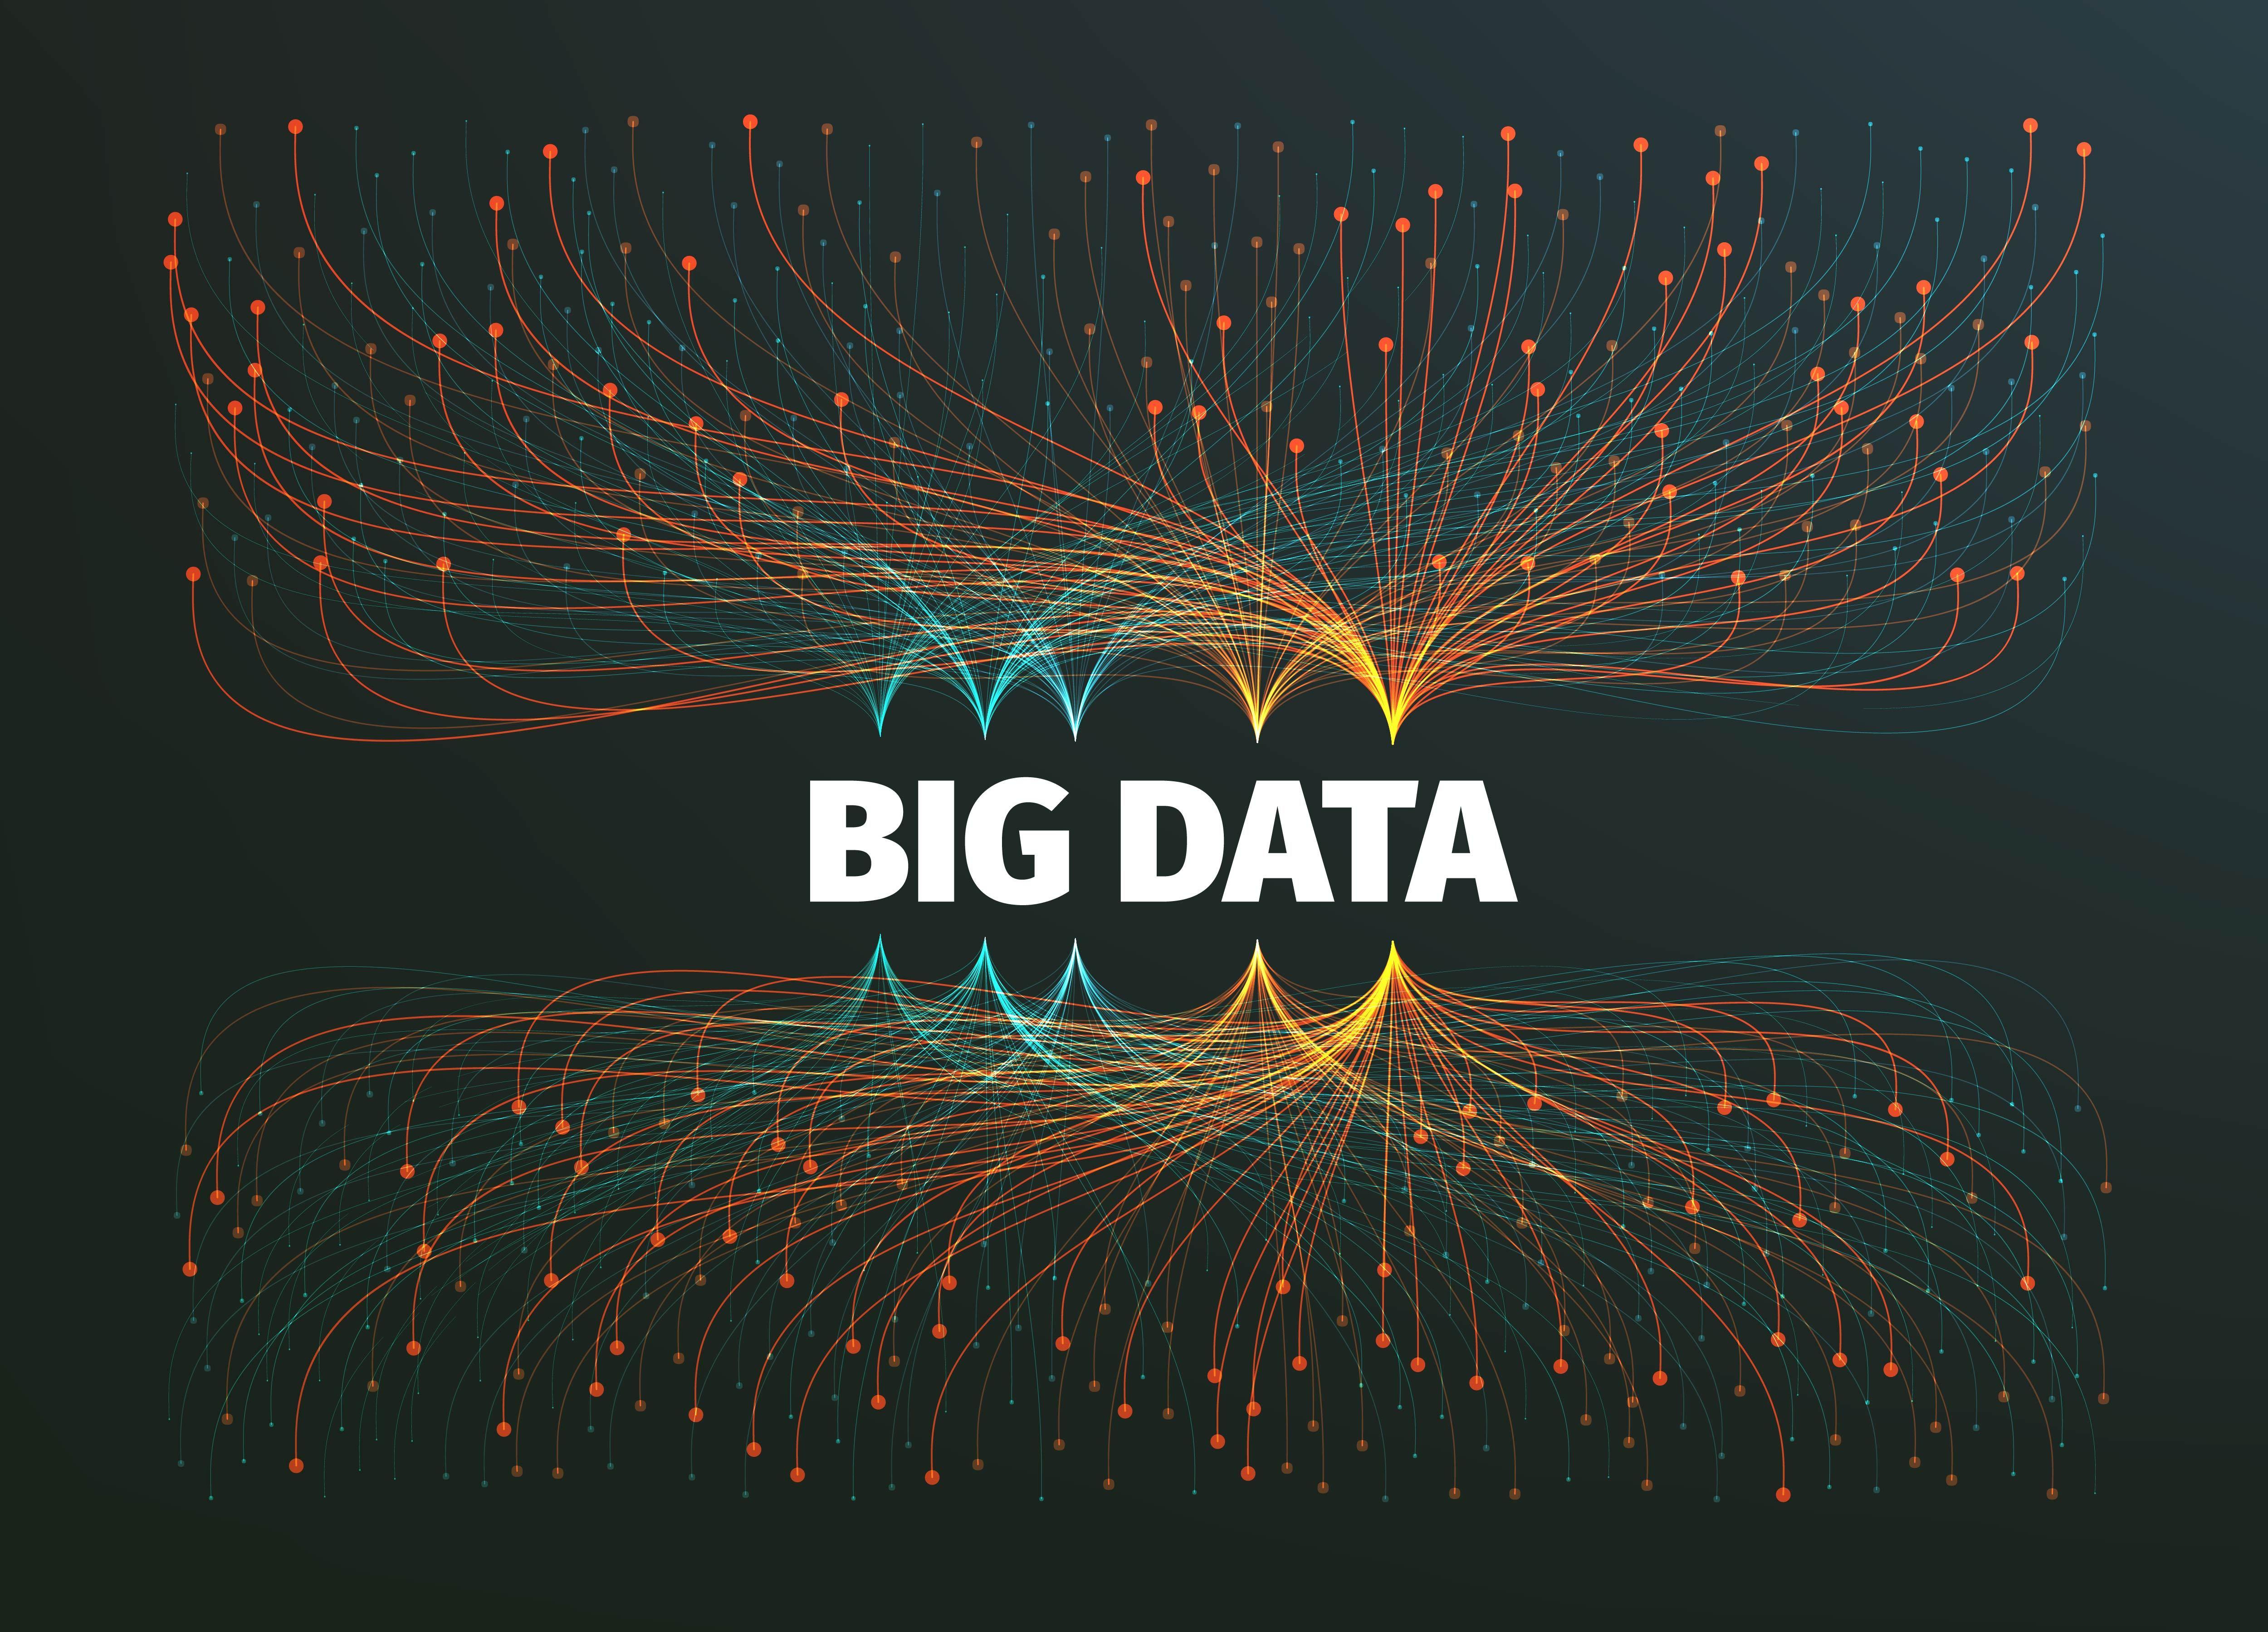 Big Data cosa sono e utilizzarli per il business